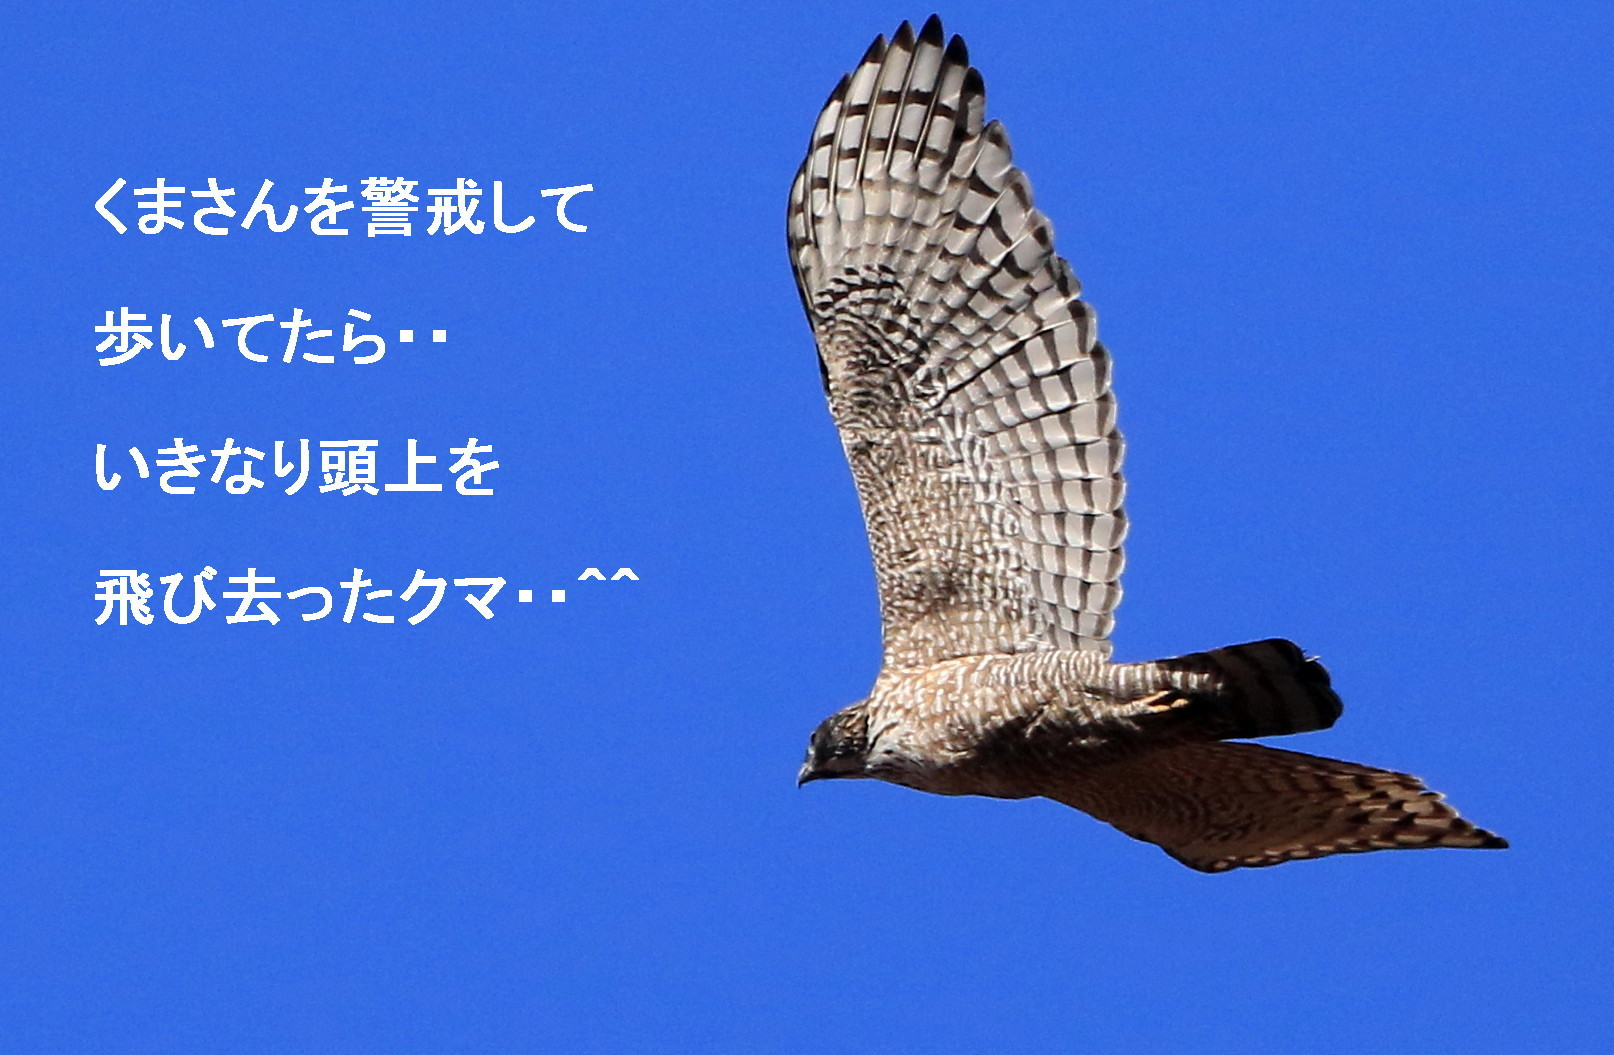 ソニーとキヤノン ヤマセミなど_c0229170_21242686.jpg